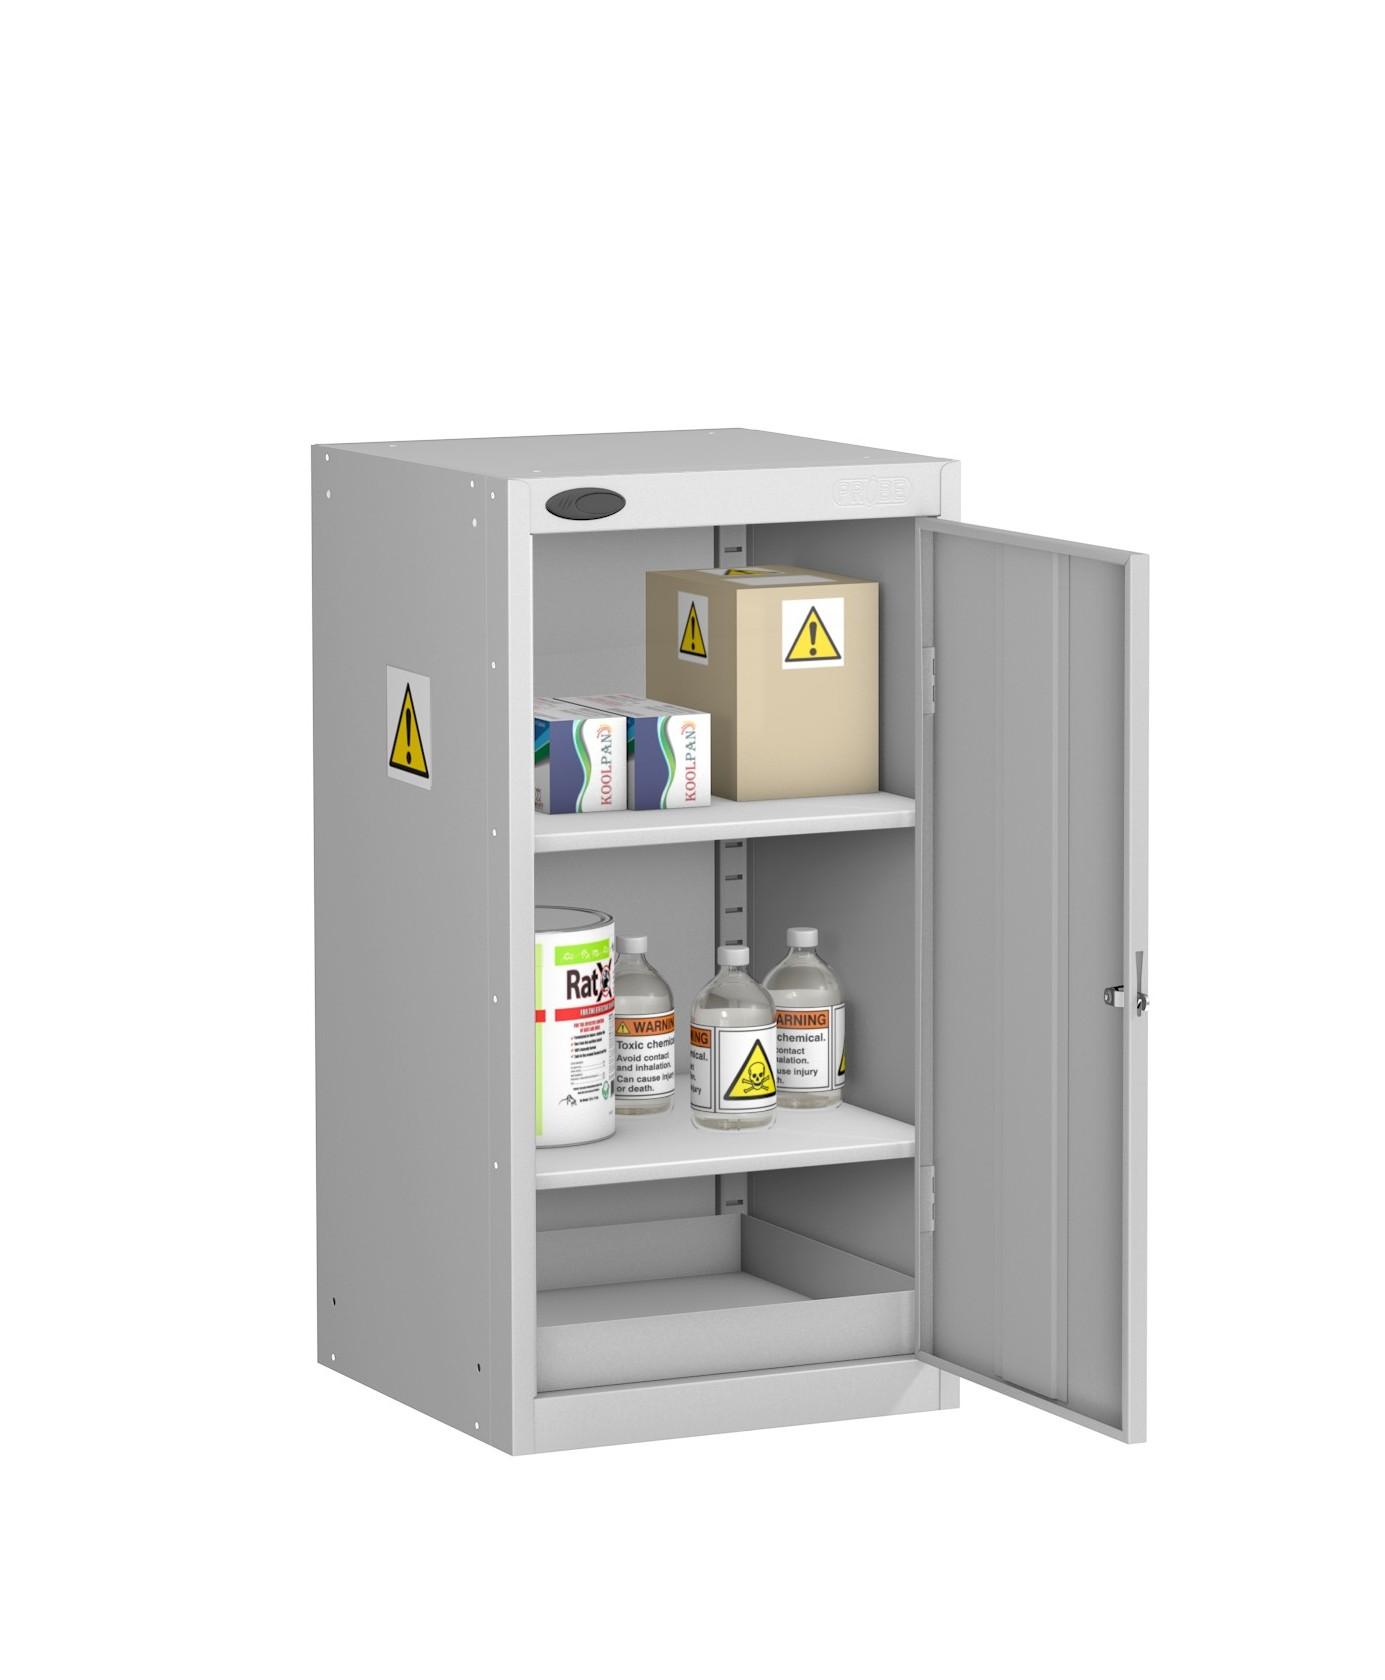 Small COSHH Cabinet